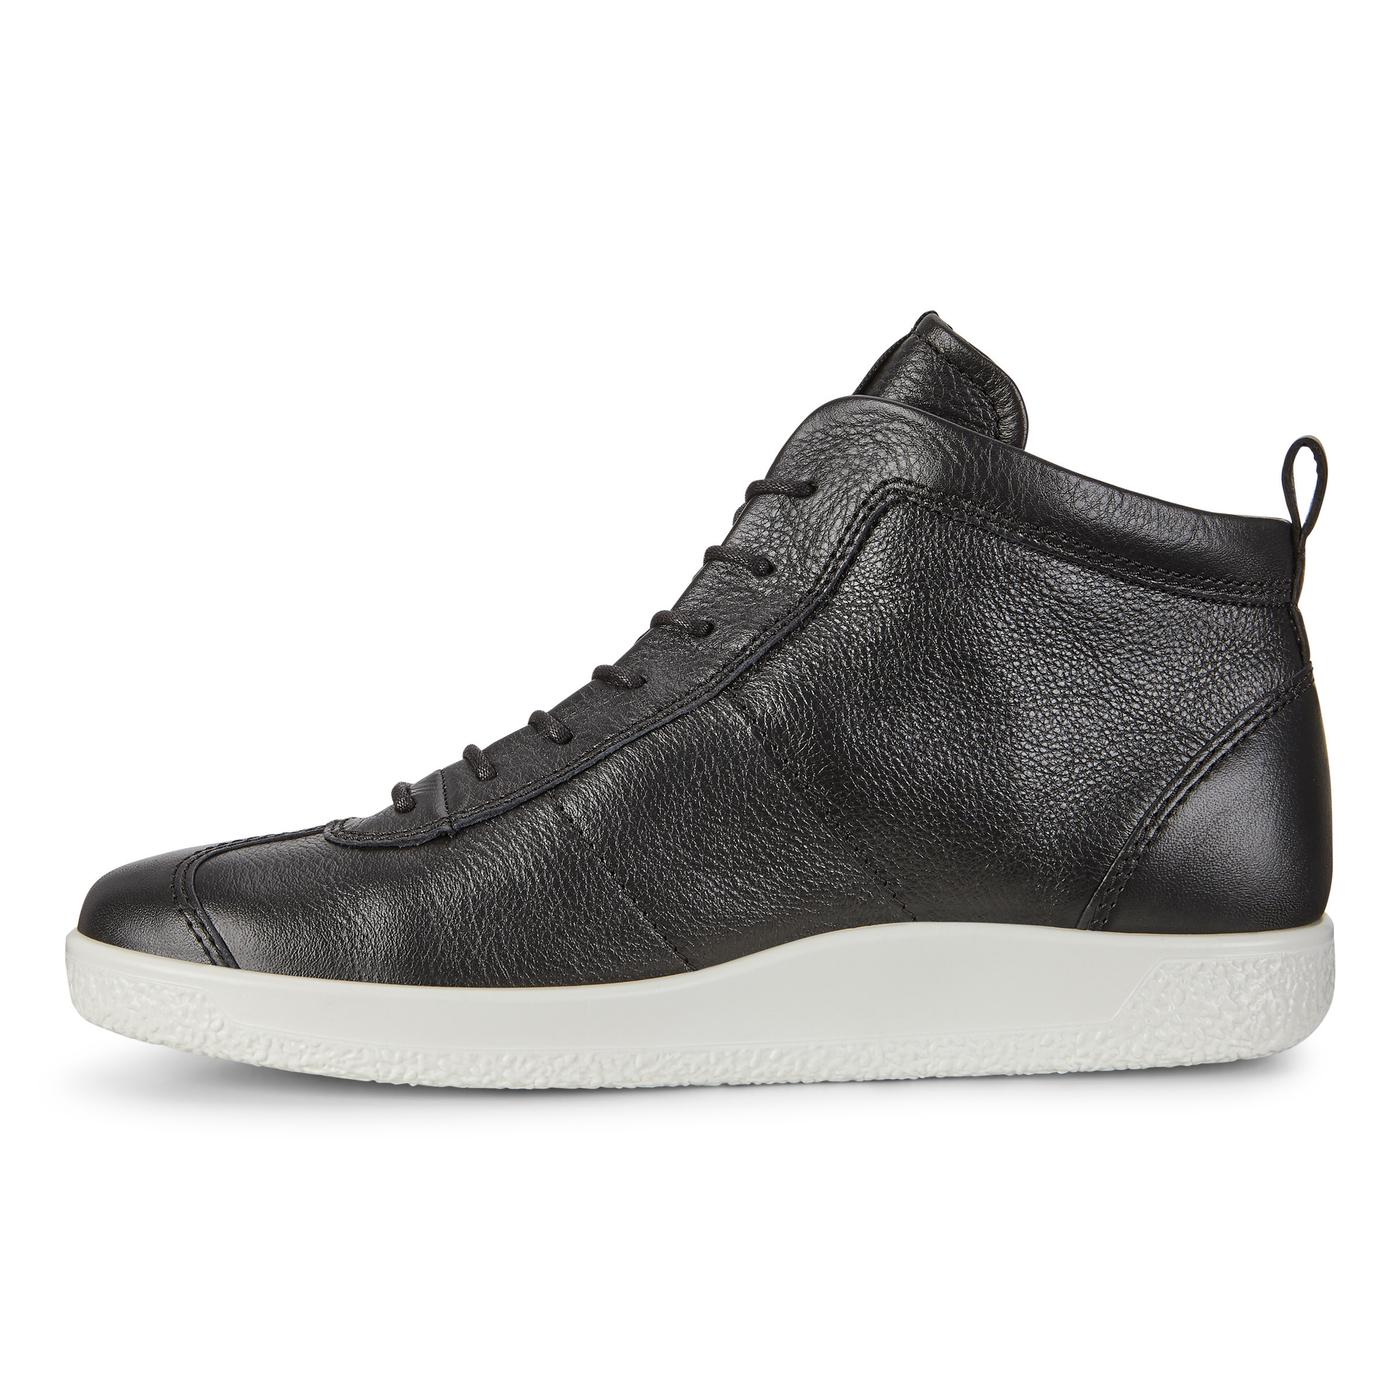 Chaussure montante ECCO Soft 1 pour hommes